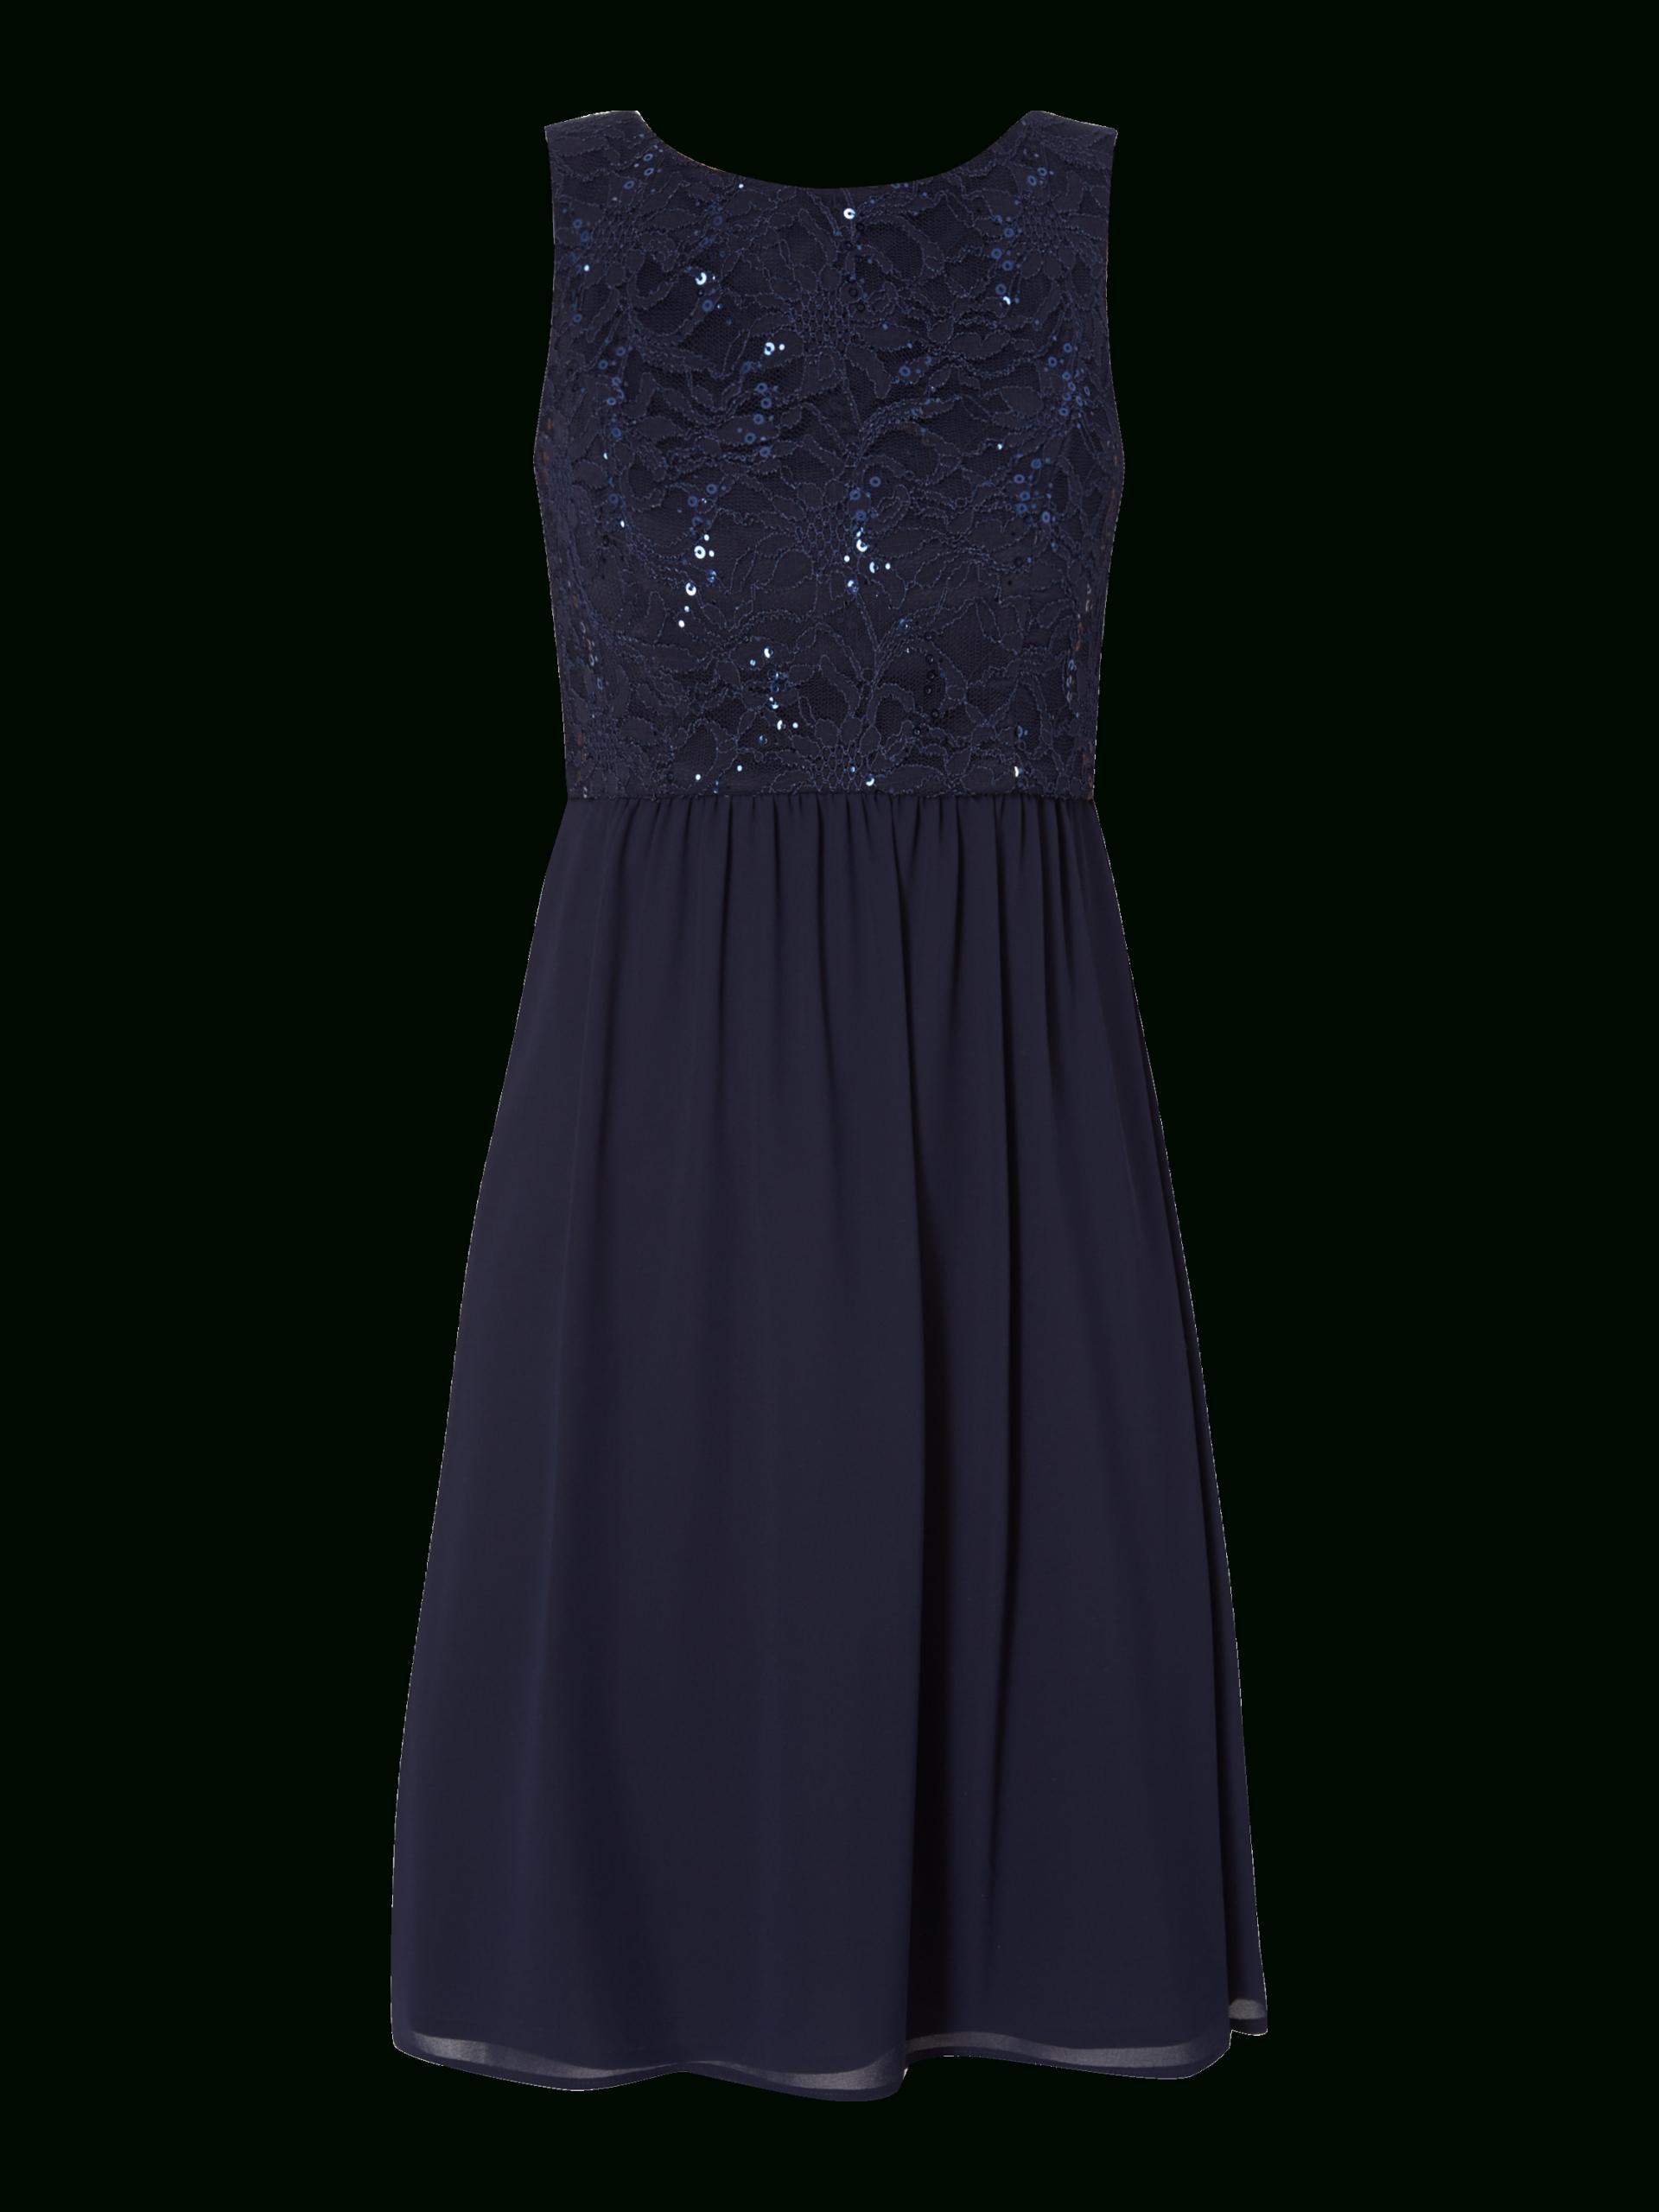 Kleid Zweiteilig Peek Und Cloppenburg  Schöne Kleider